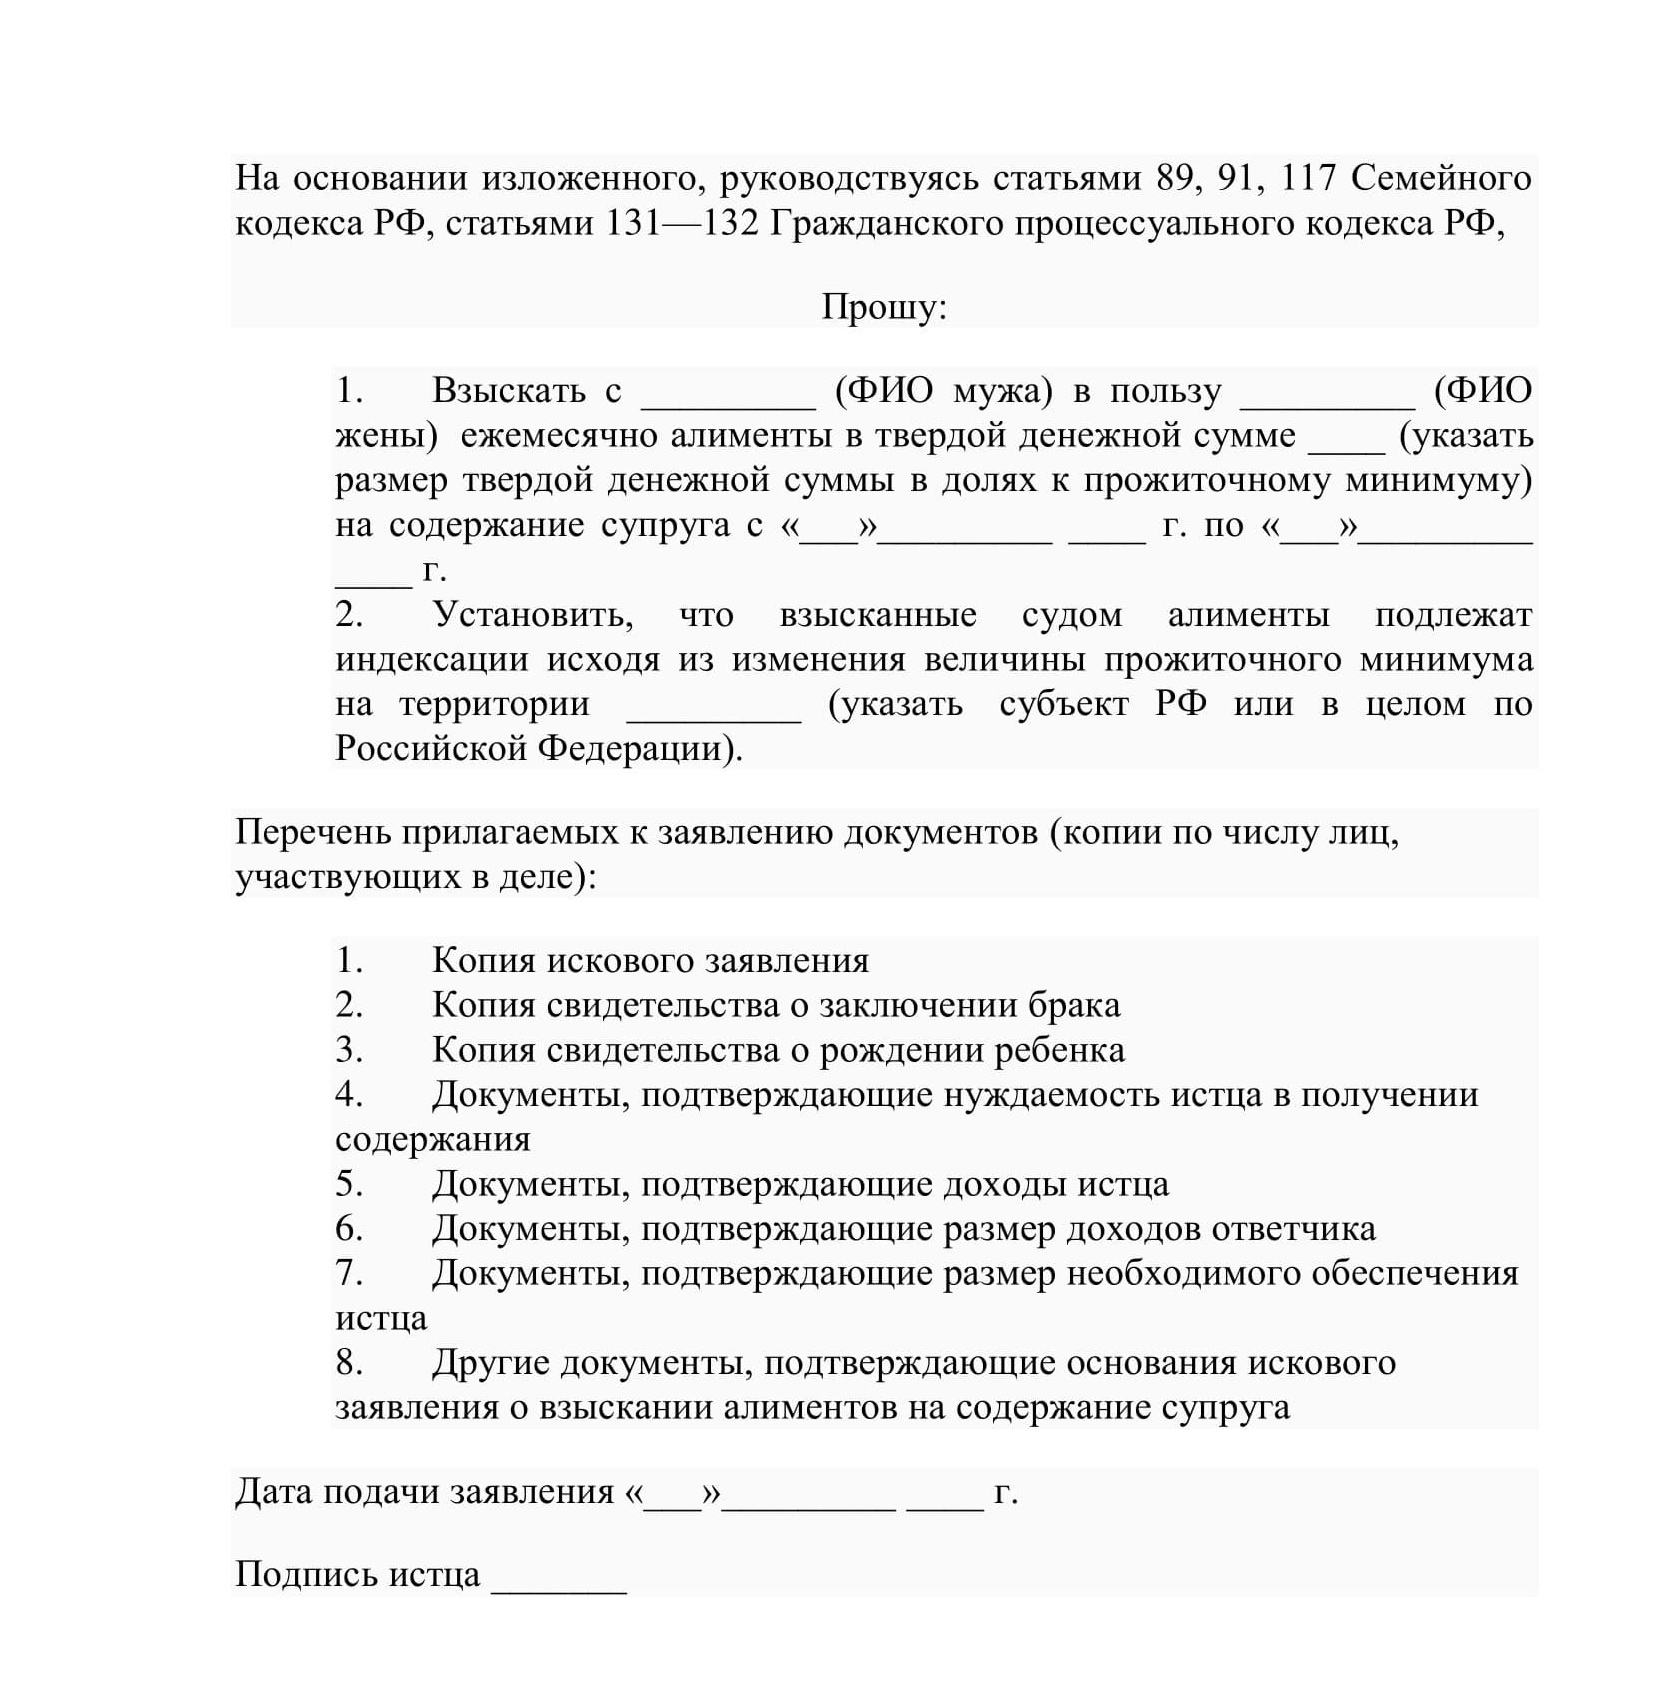 Исковое заявление о взыскании алиментов на содержание супруги